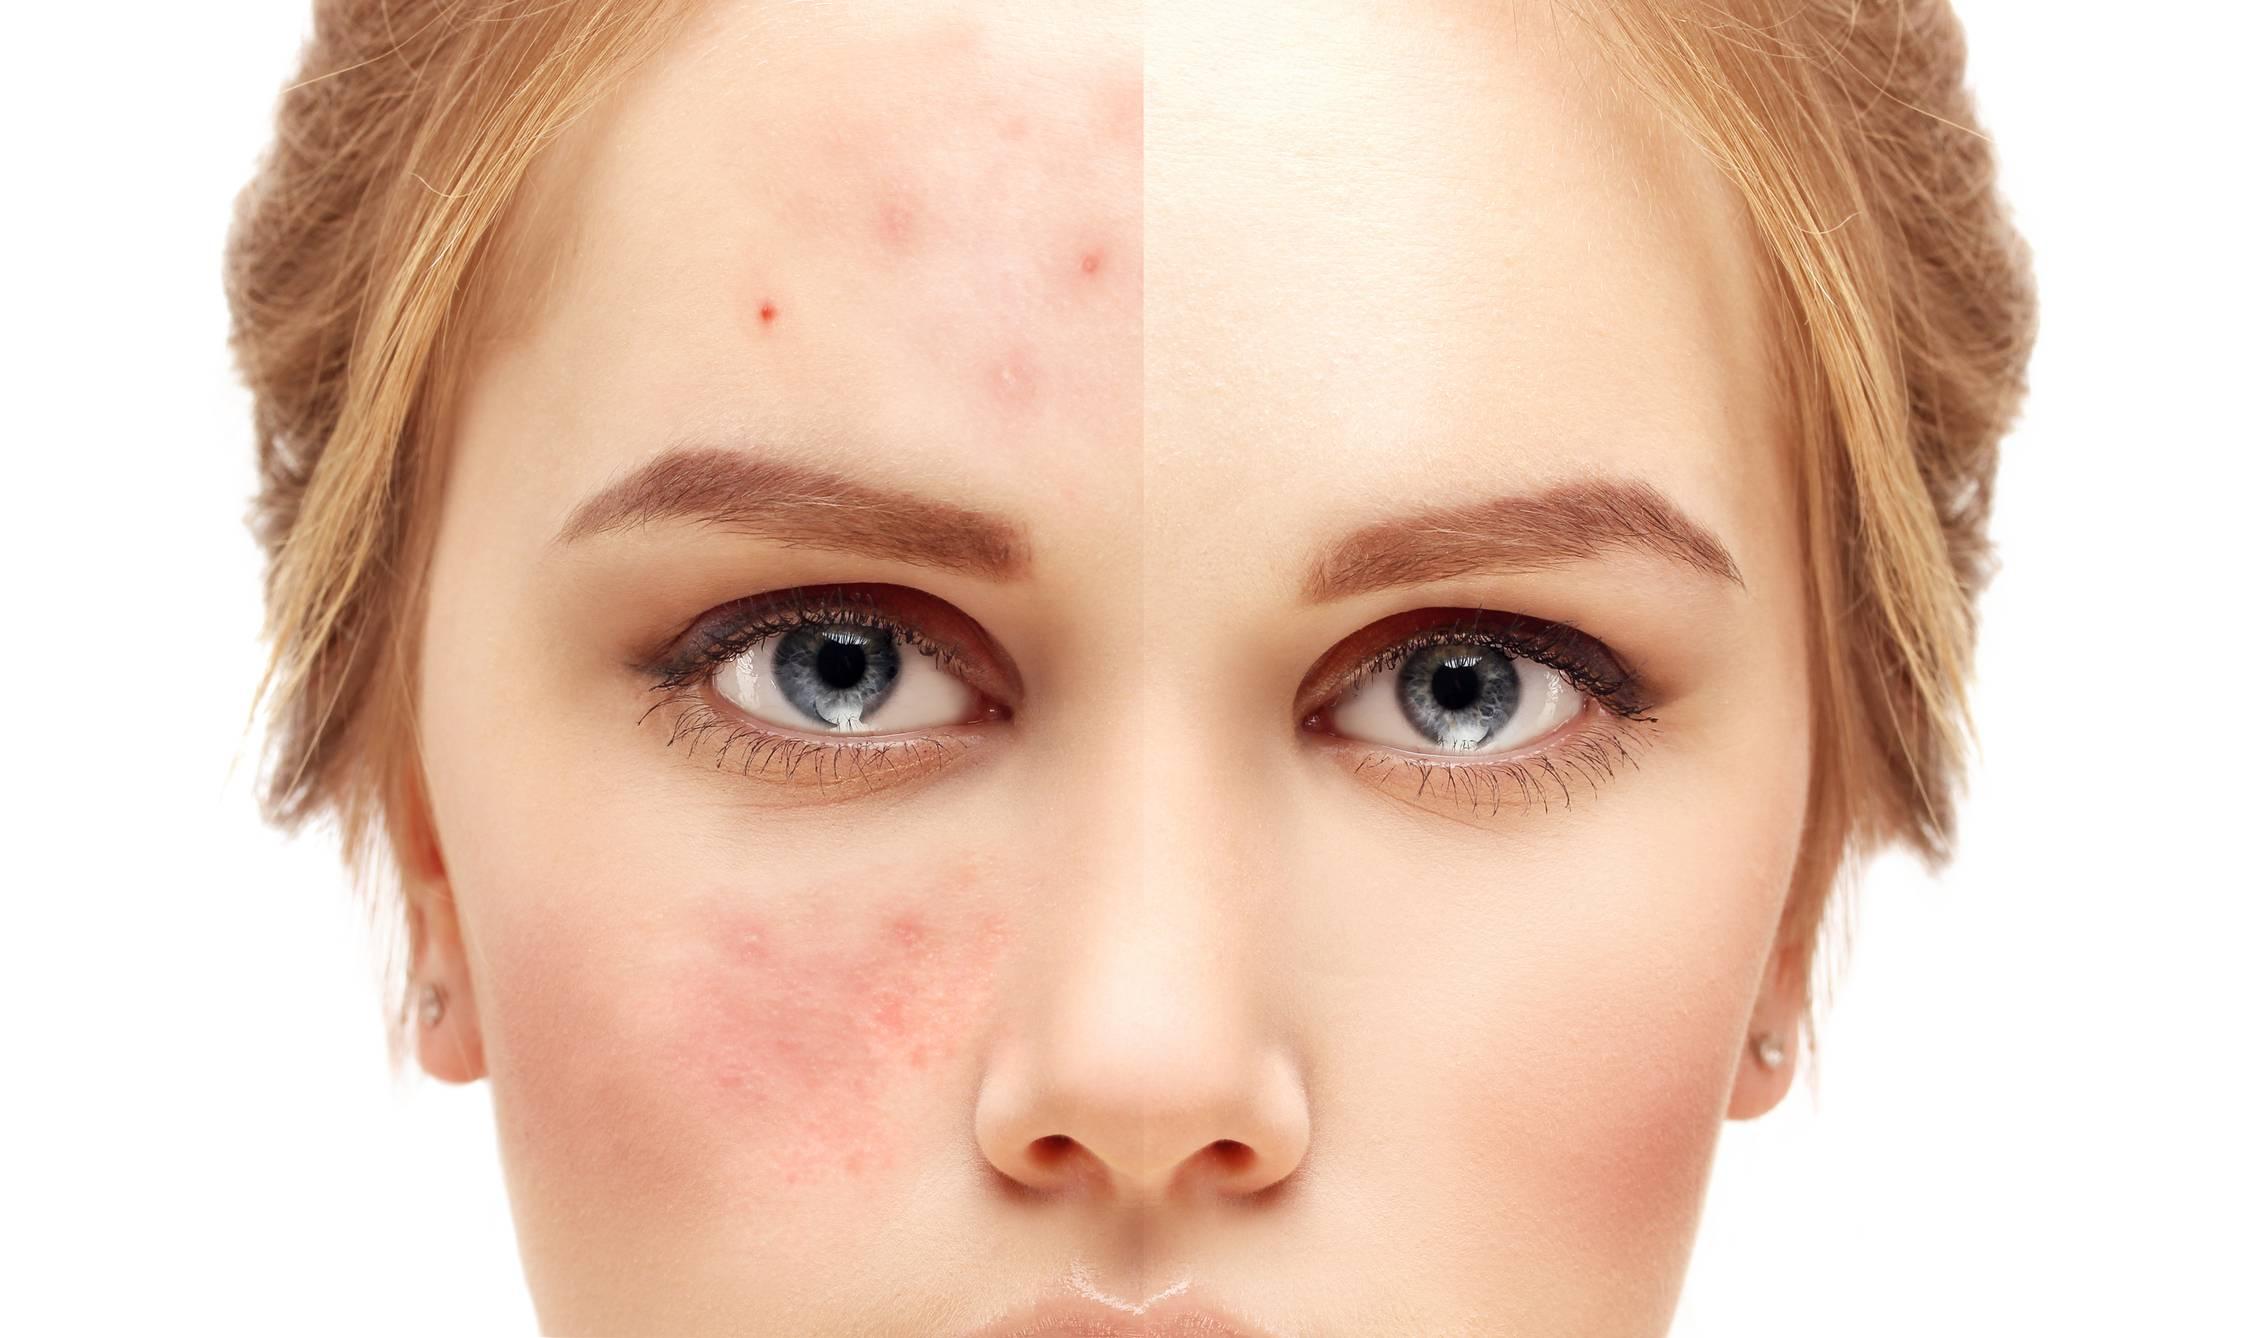 Что делать если кожа на лице жирная и постоянно появляются прыщи